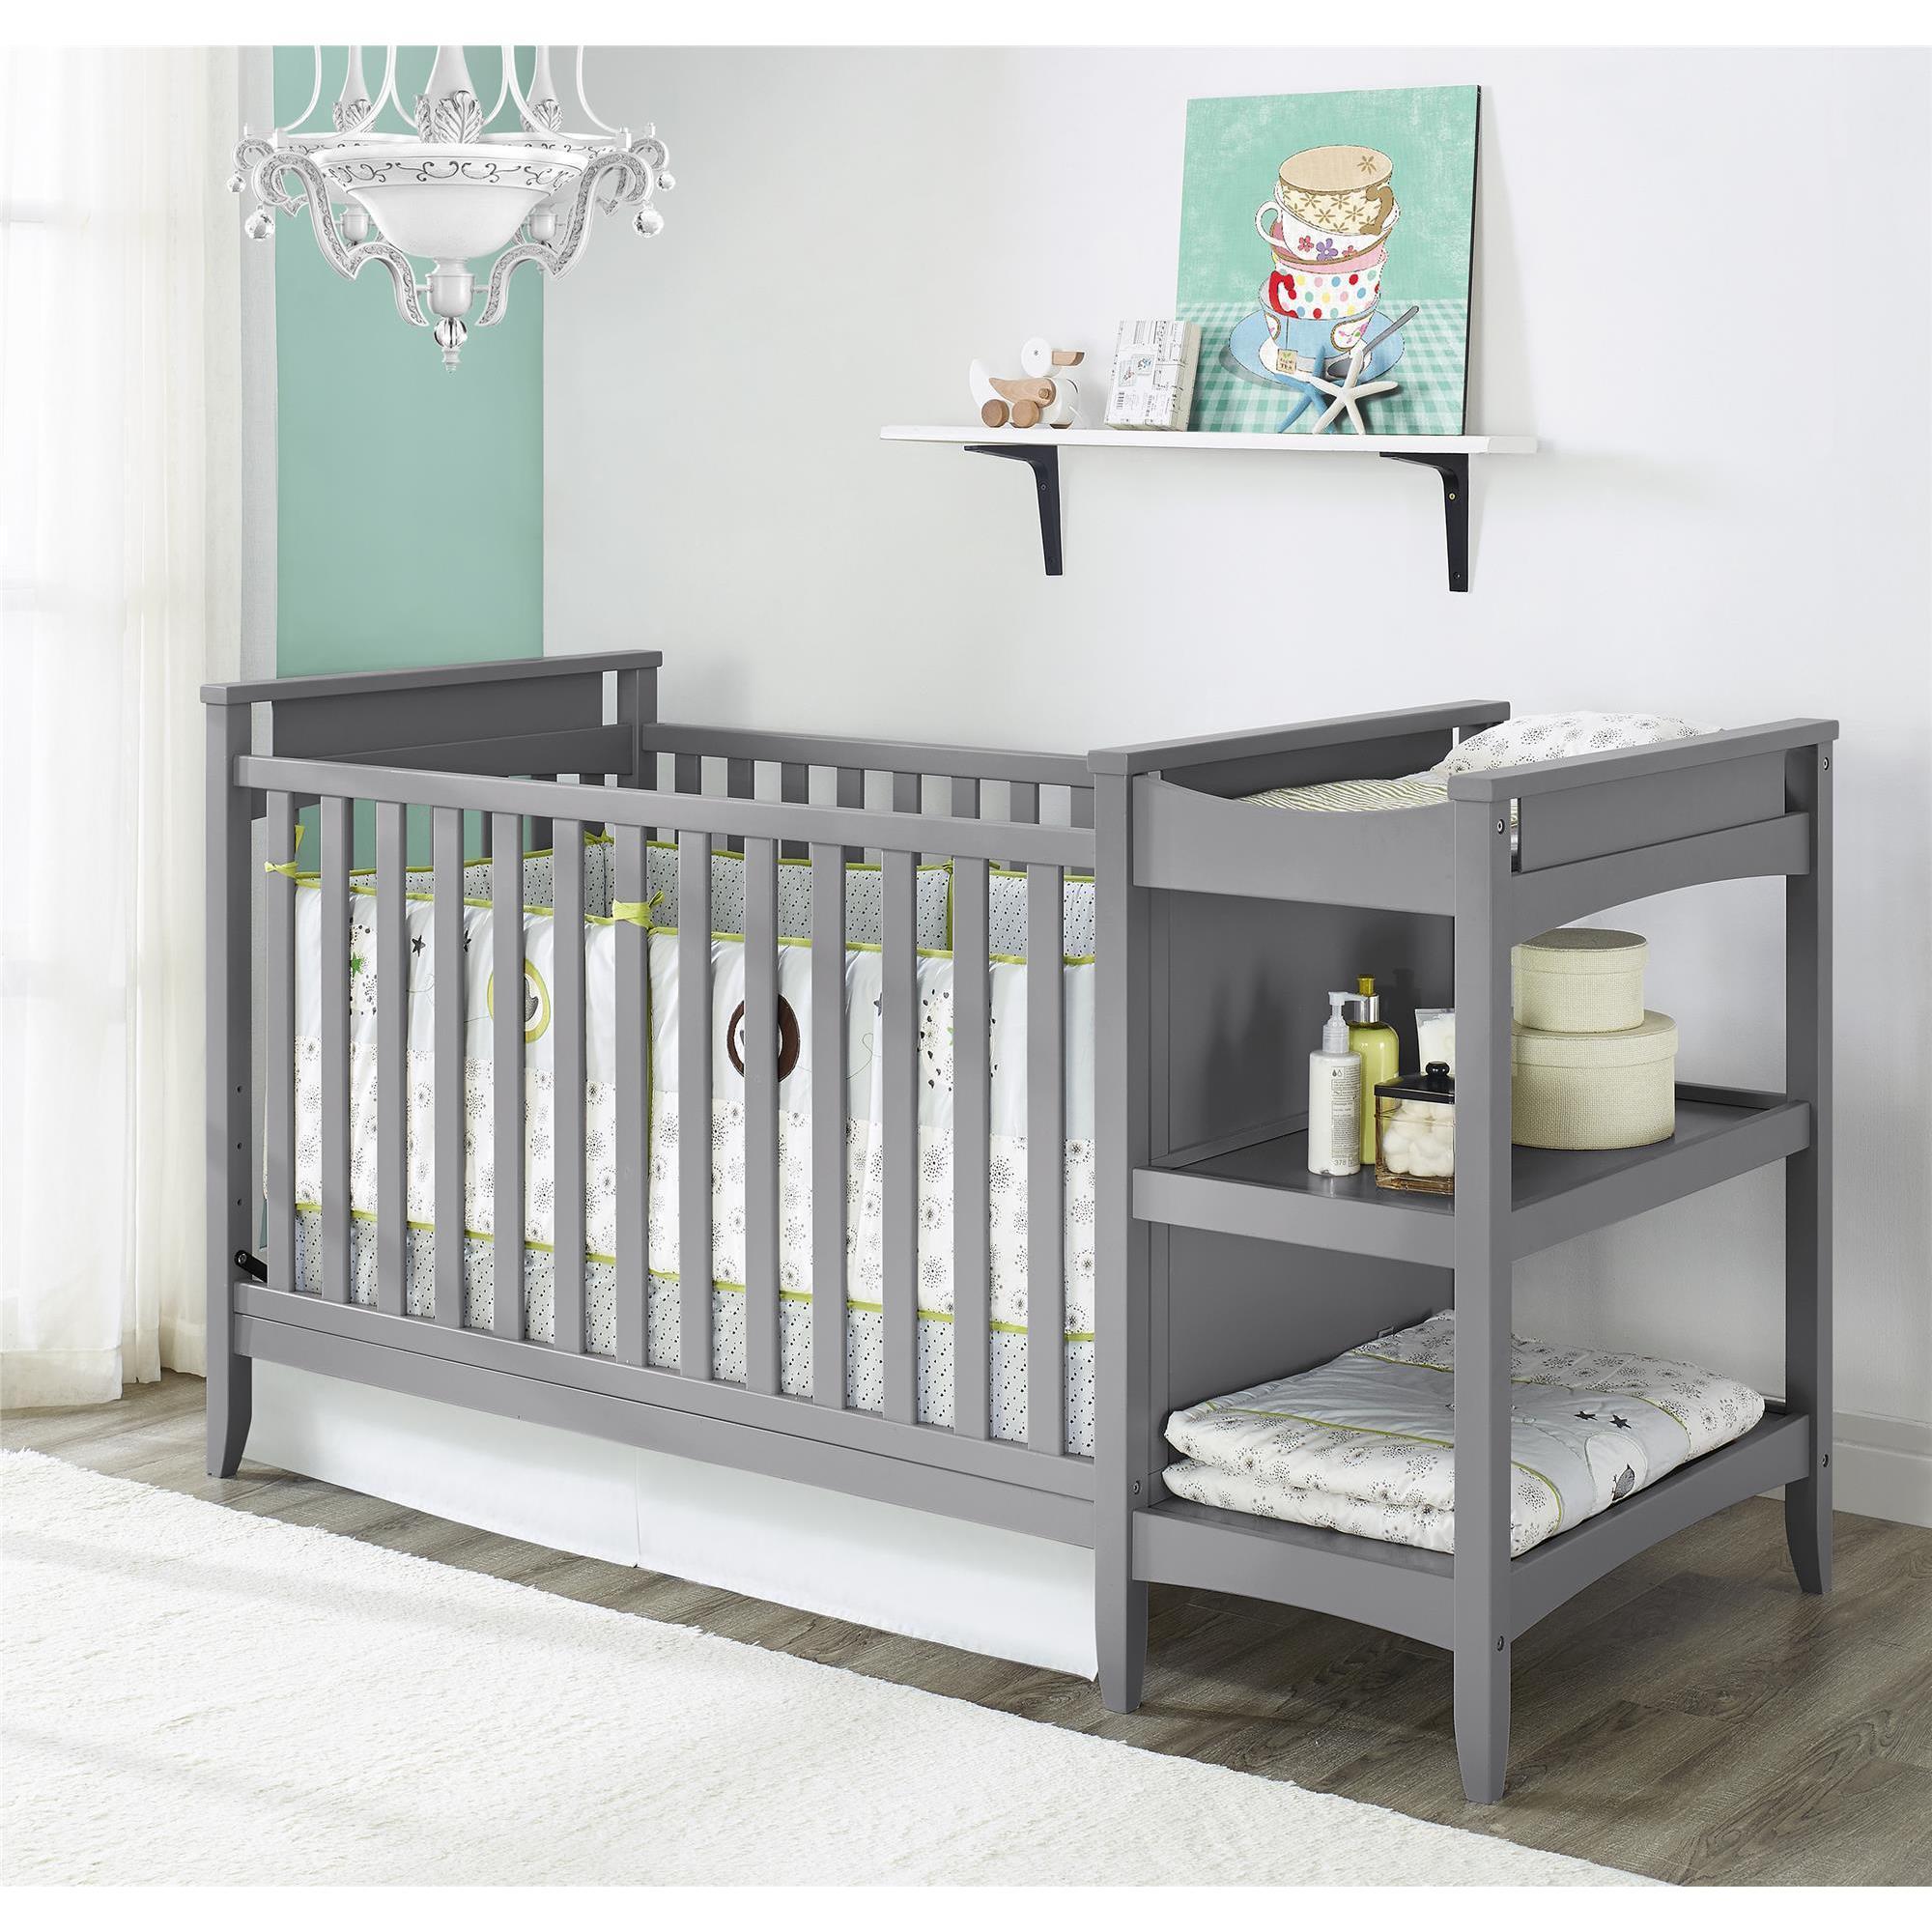 Sorelle Vista Crib | Sorelle Sophia 4 in 1 Crib | Sorelle Vicki Crib